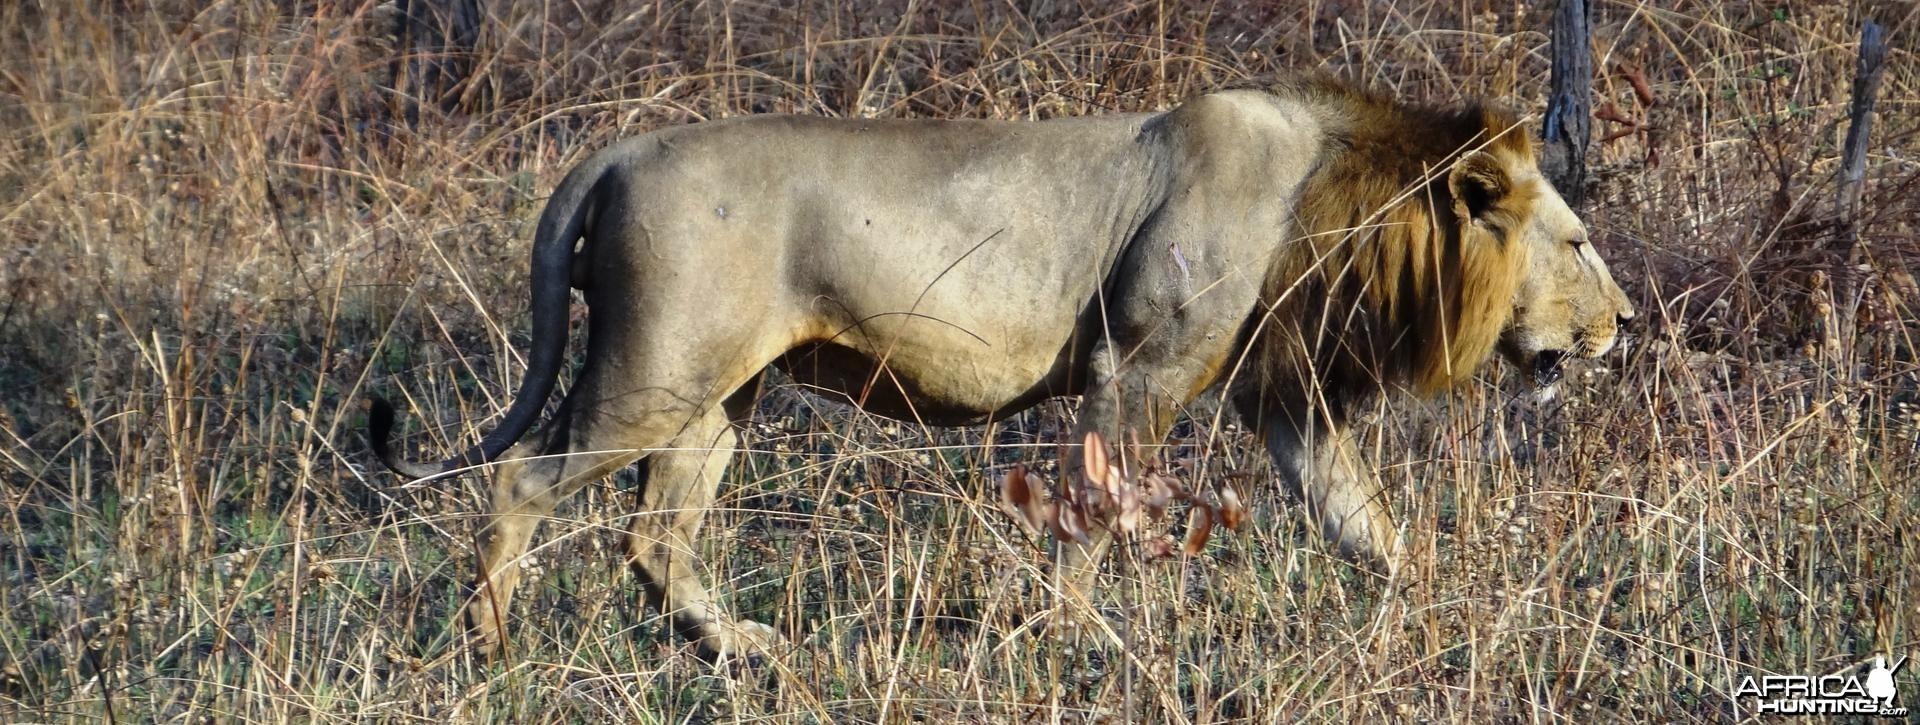 Lion Tanzania